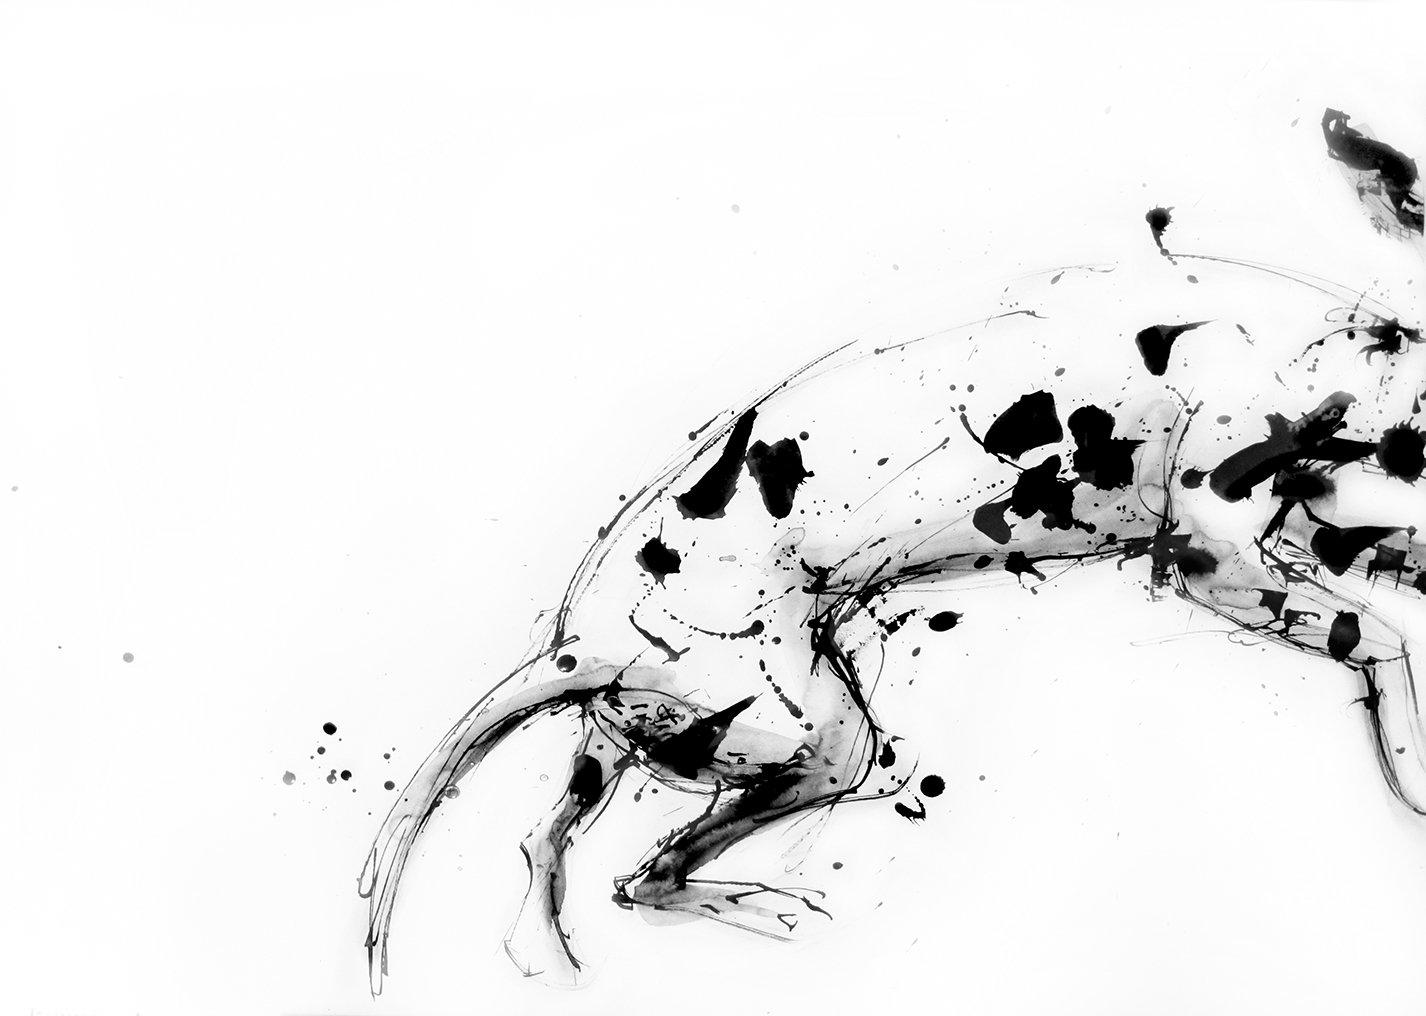 dalmatian leaping